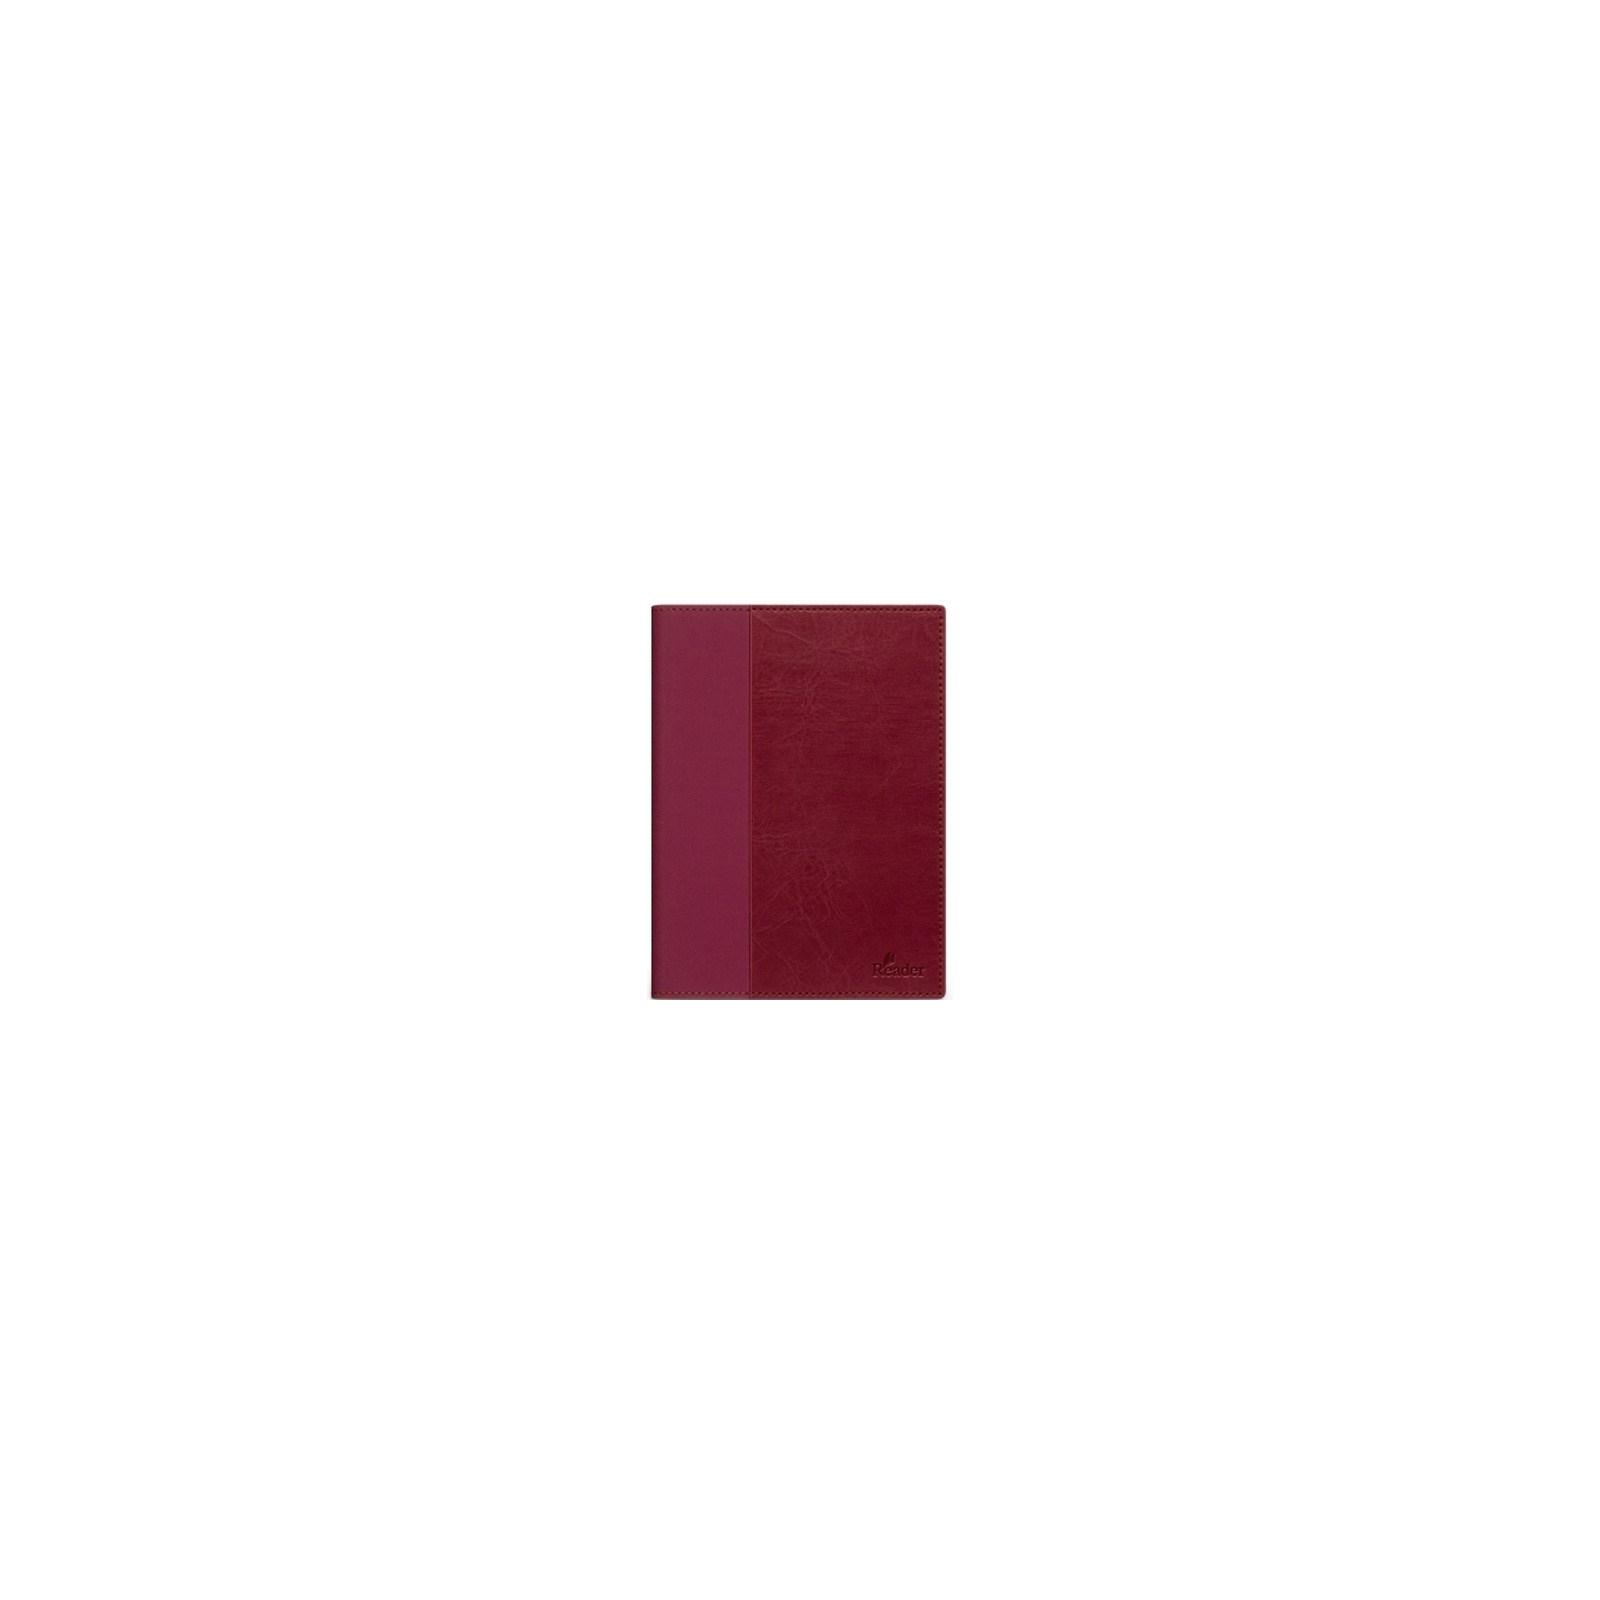 Чехол для электронной книги SONY CL22R red для PRS-T2 (PRSACL22R.WW2)